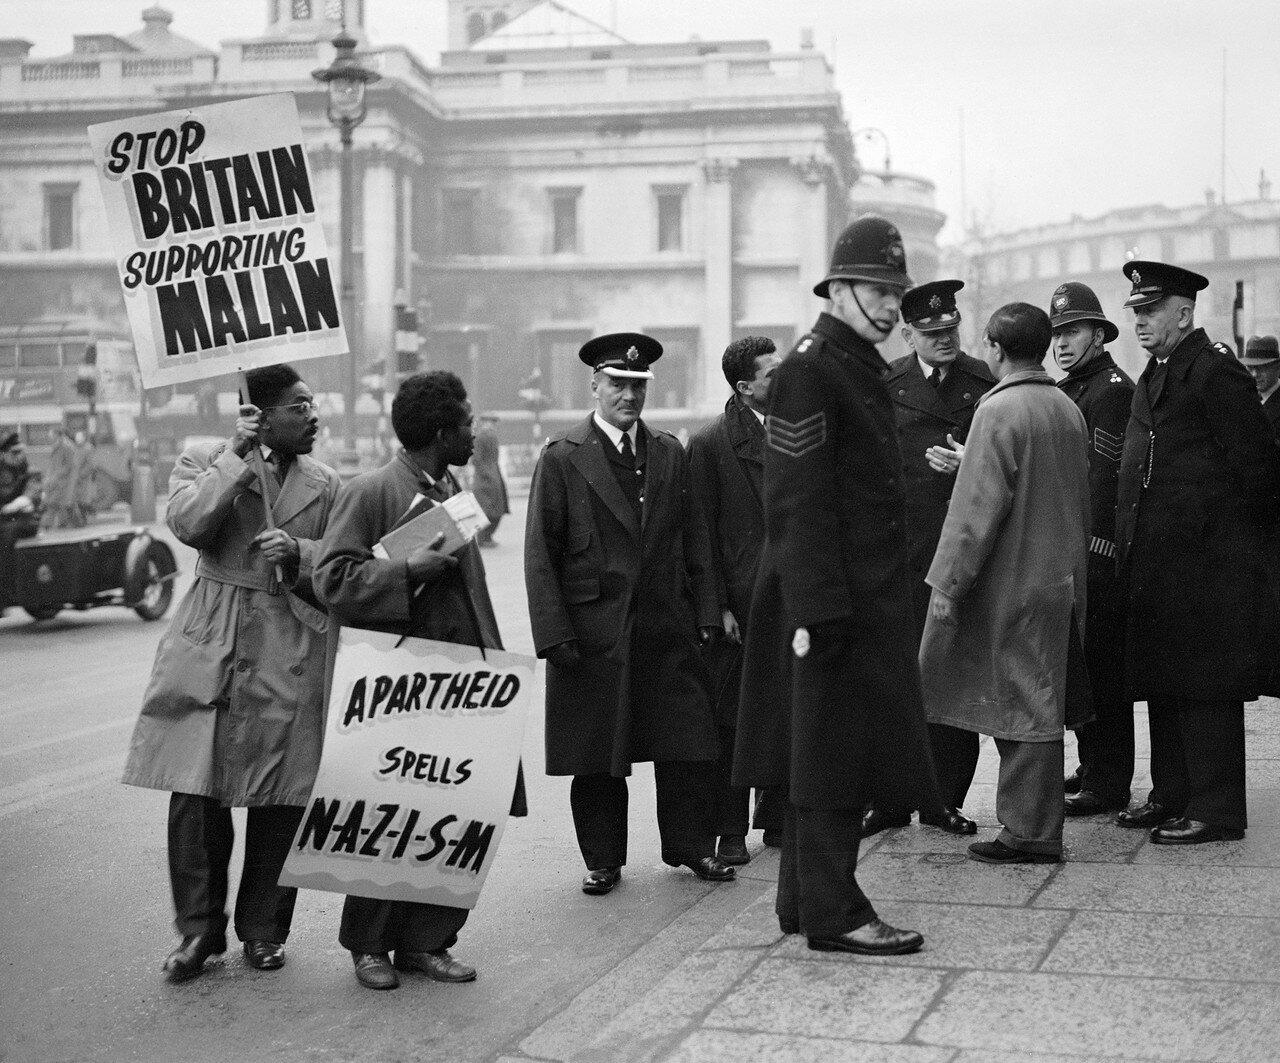 1951. 19 января. Еще одна демонстрация на Трафальгарской площади против апартеида